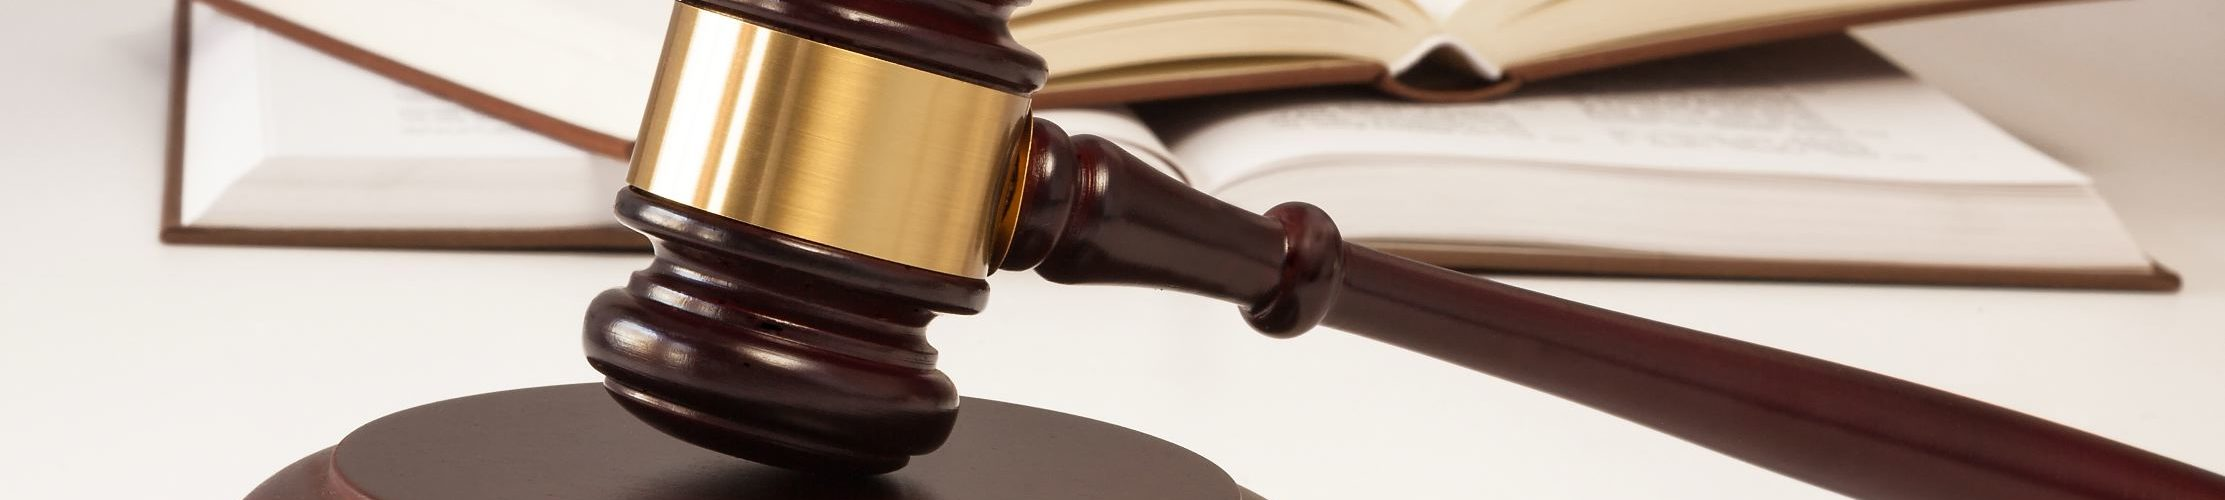 частные юристы консультации